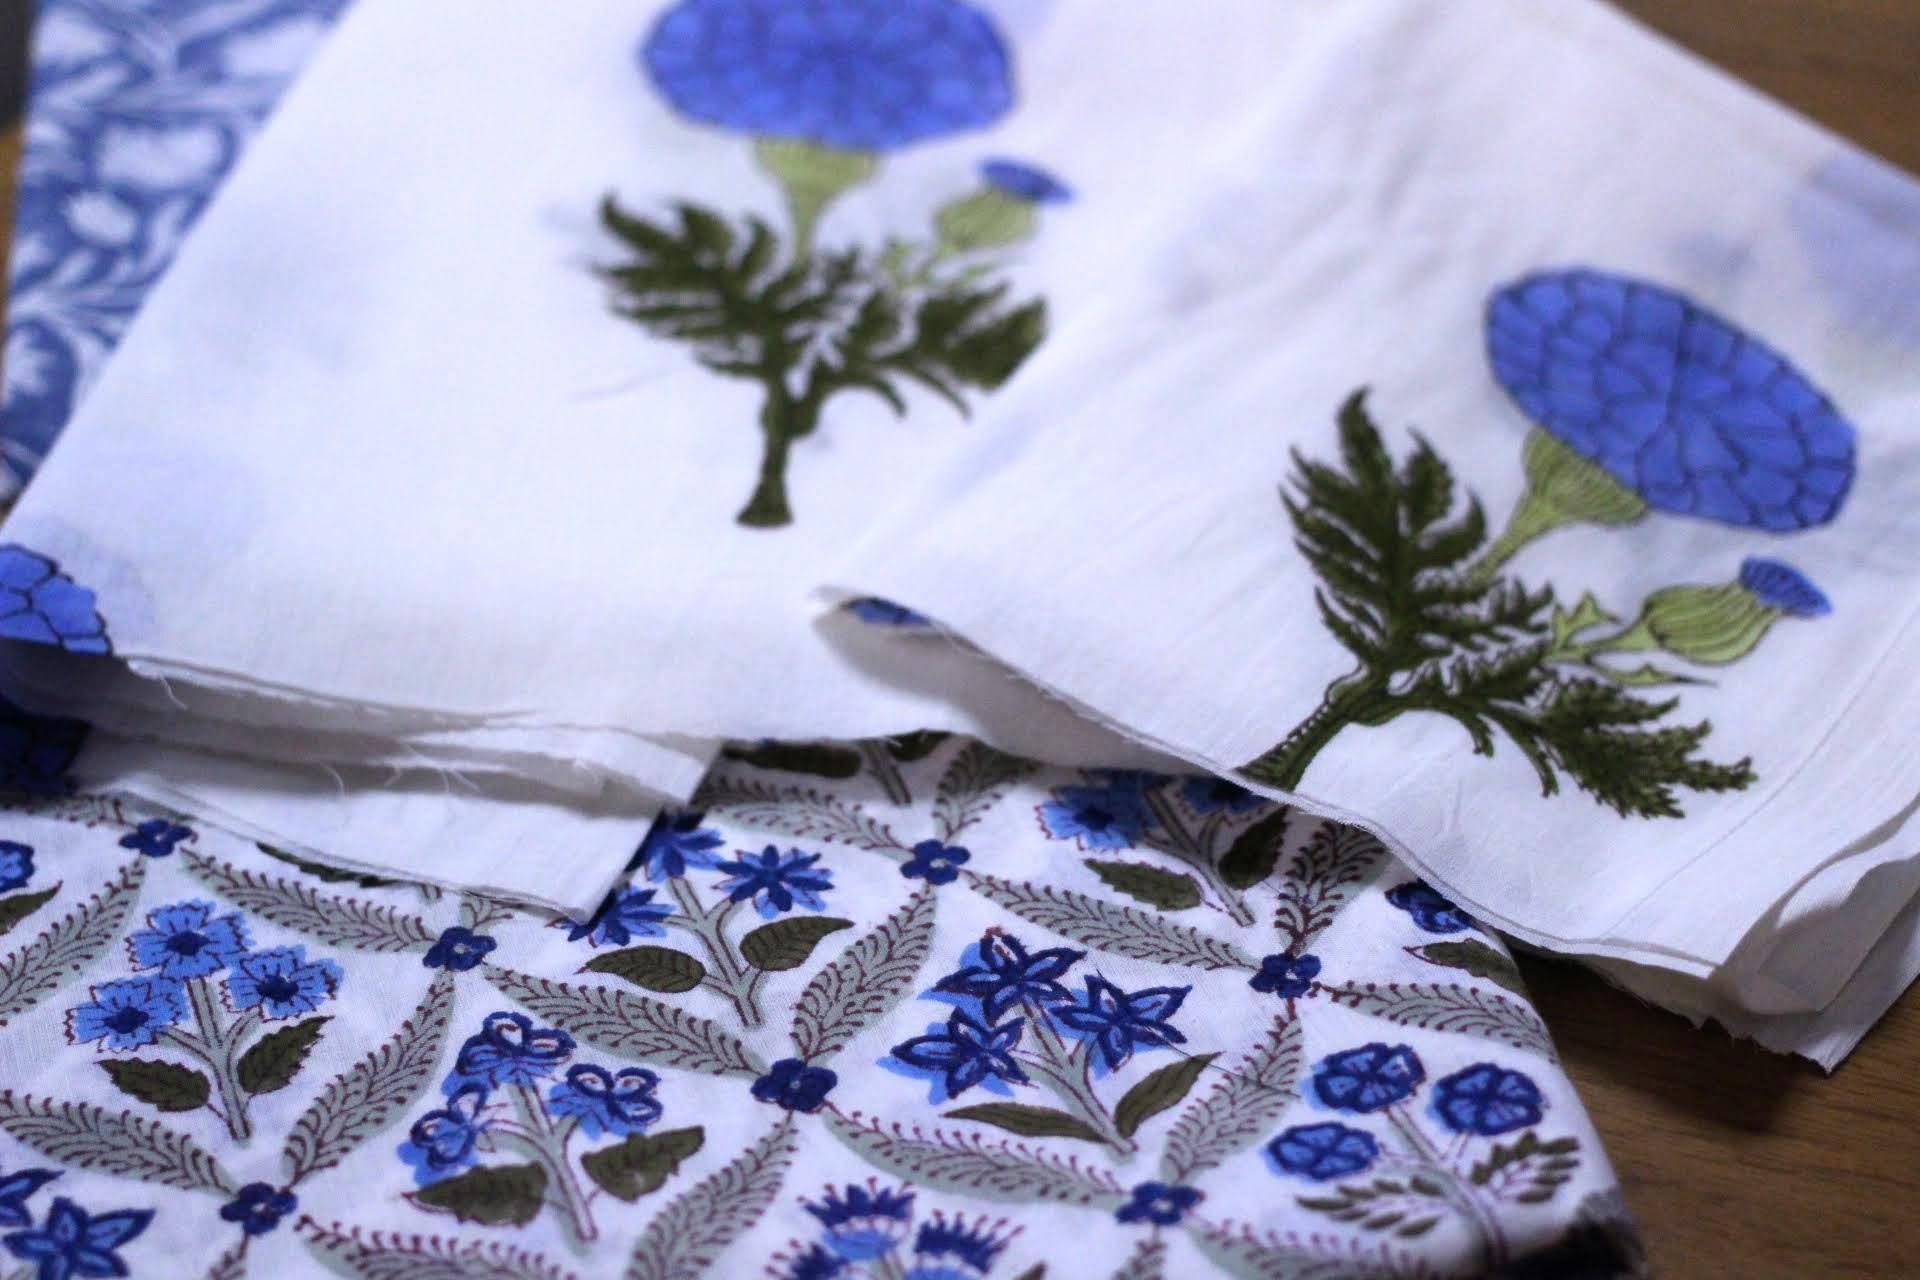 私が感じてるインド綿の良さってなんだろう?